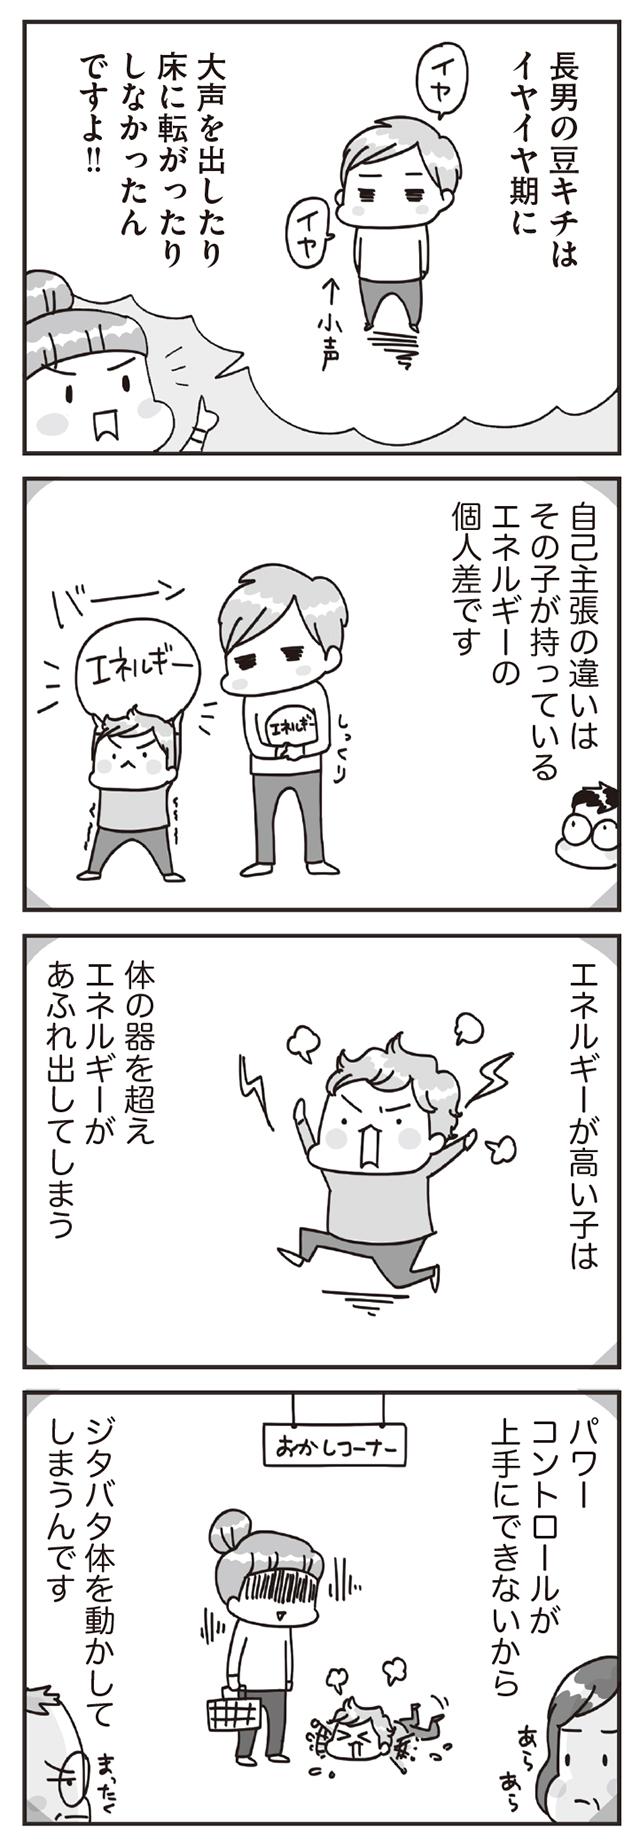 8-5.jpg